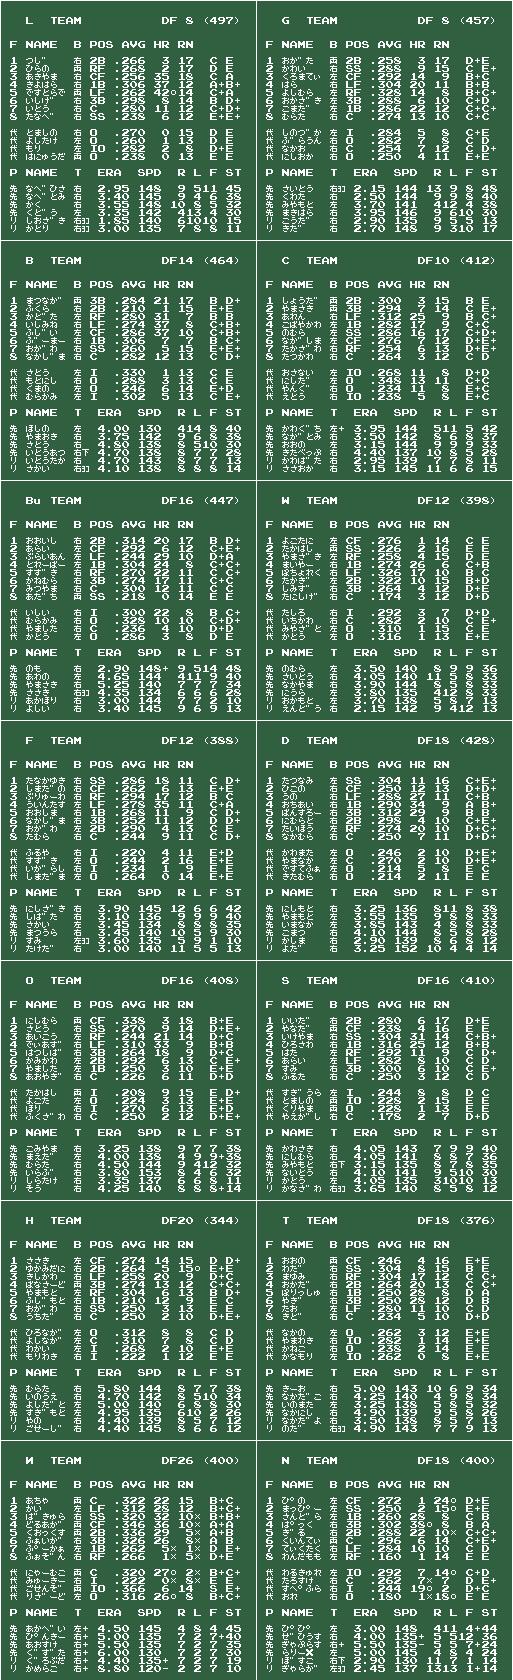 ファミスタ90 竜巻旋風 v2009/03/12 チームデータ